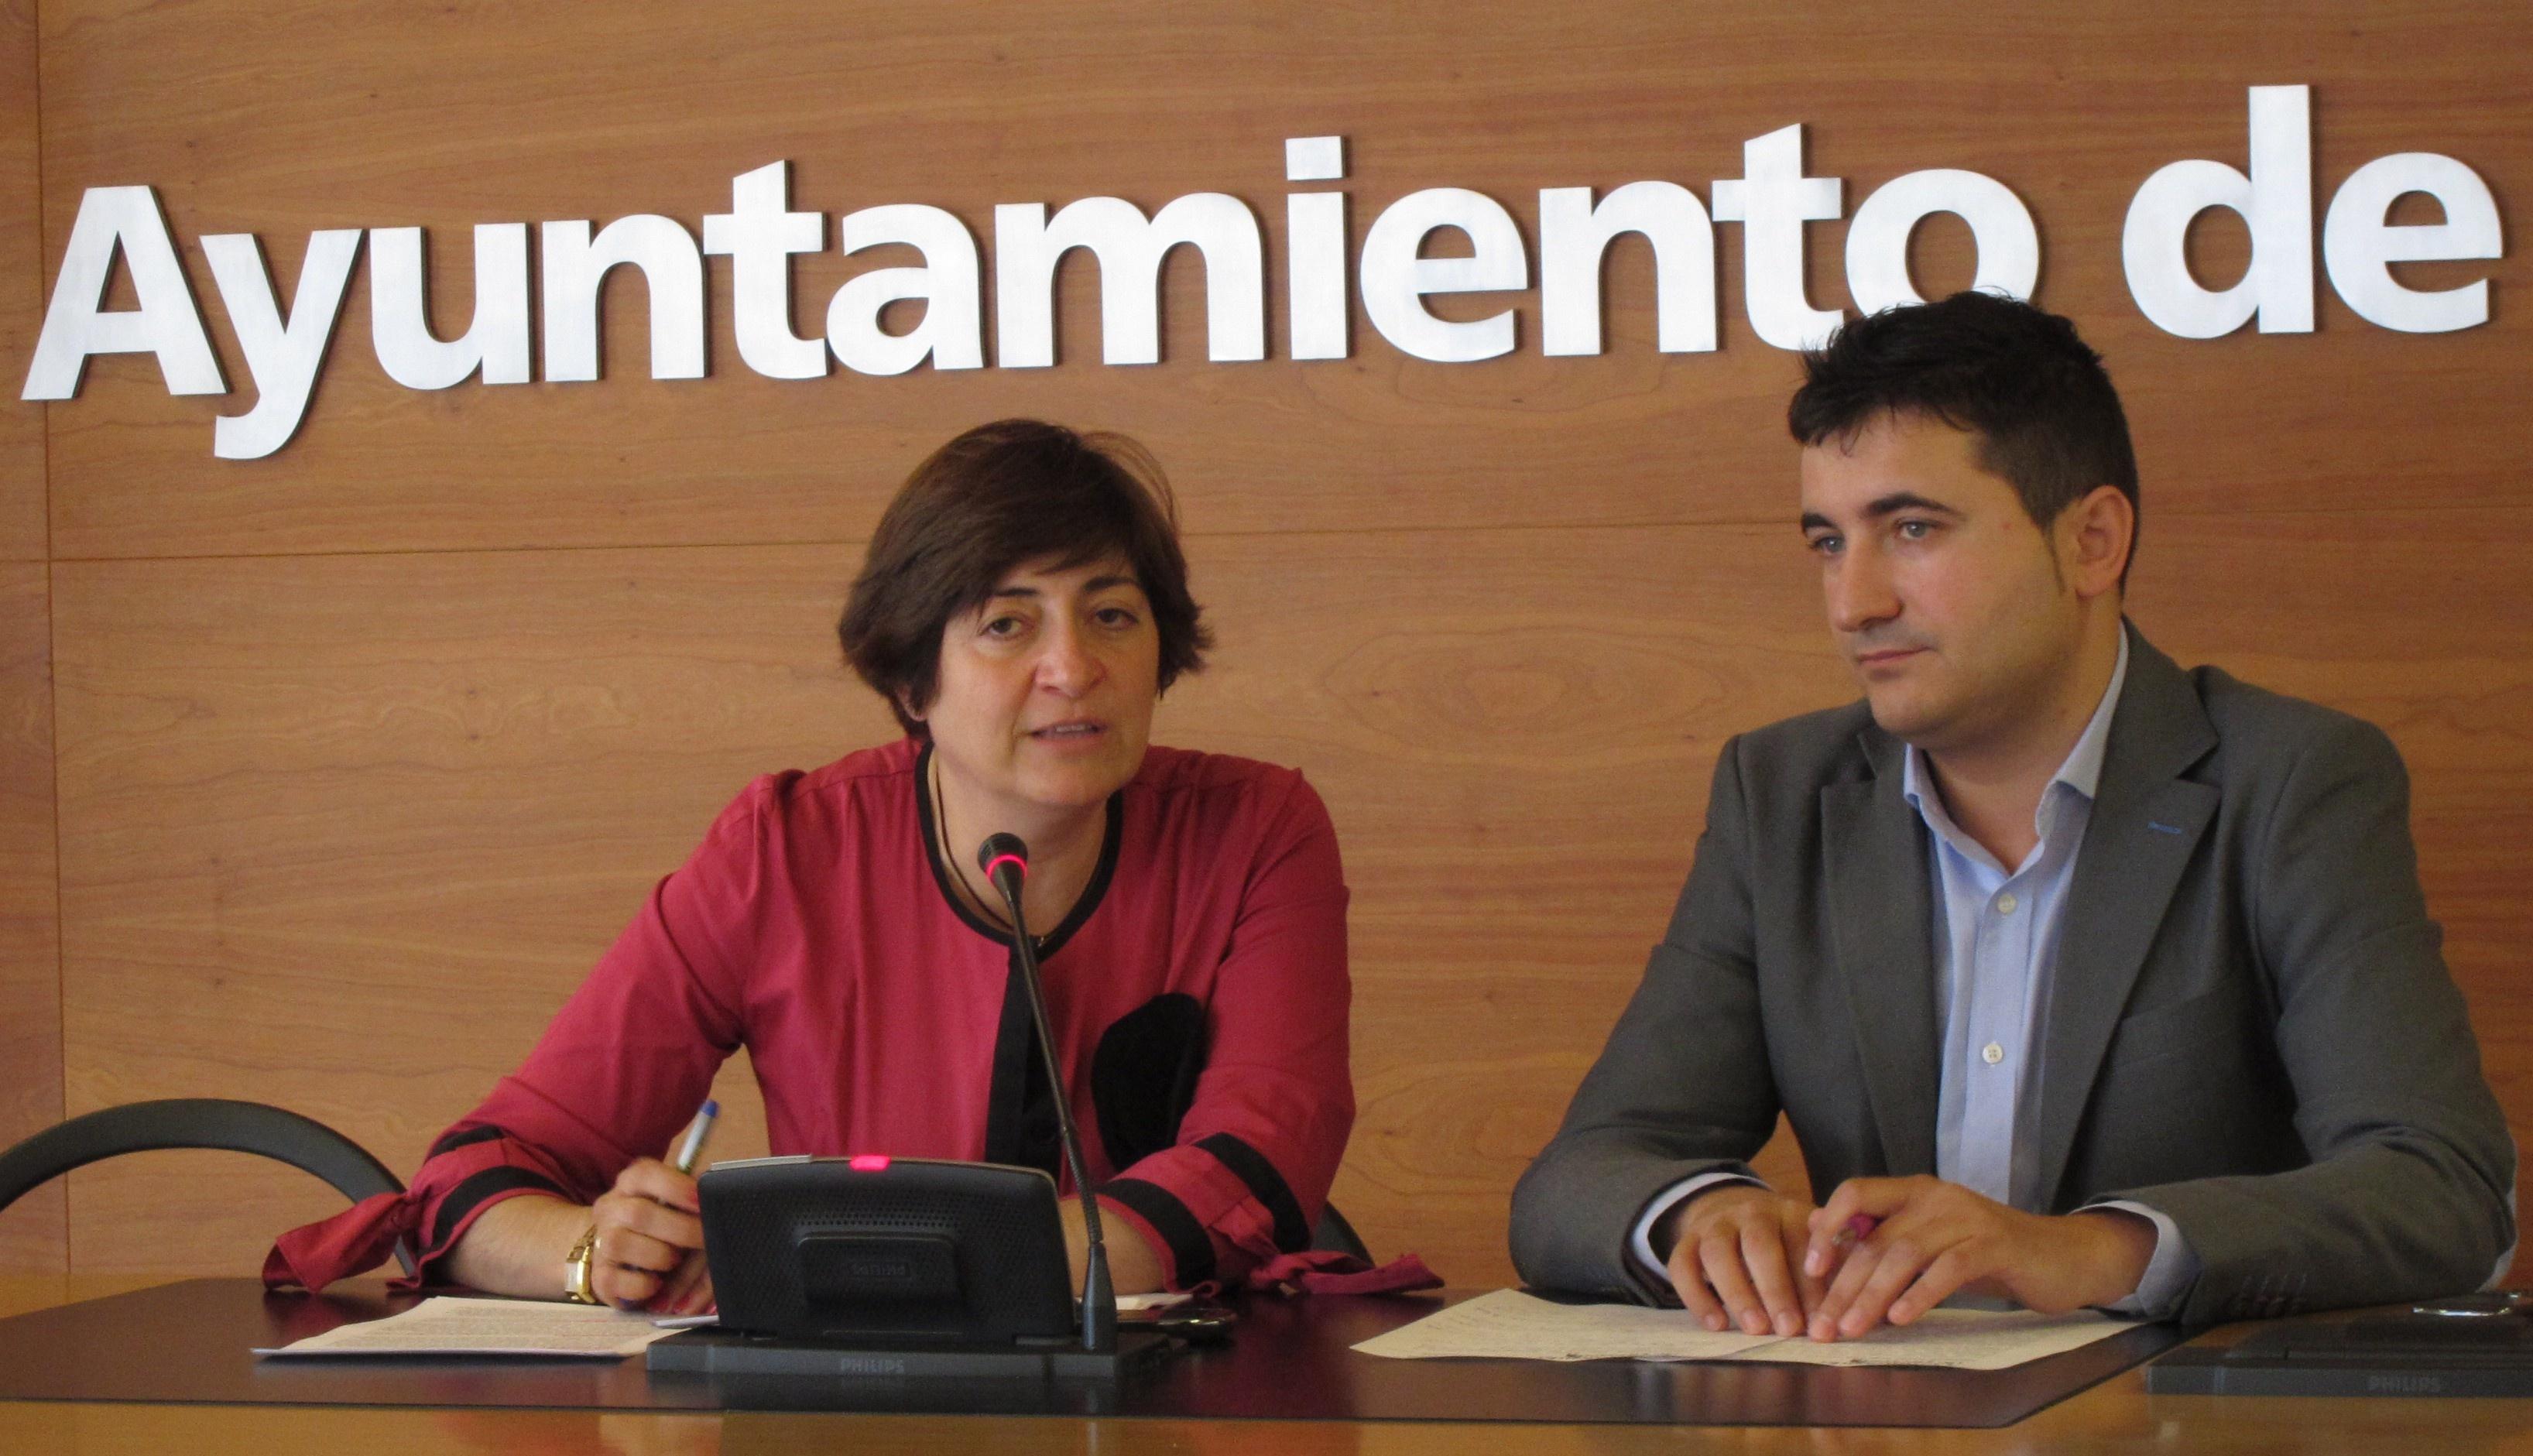 El Ayuntamiento prevé licitar «en los próximos días» el contrato de colaboración público-privada para el CCR